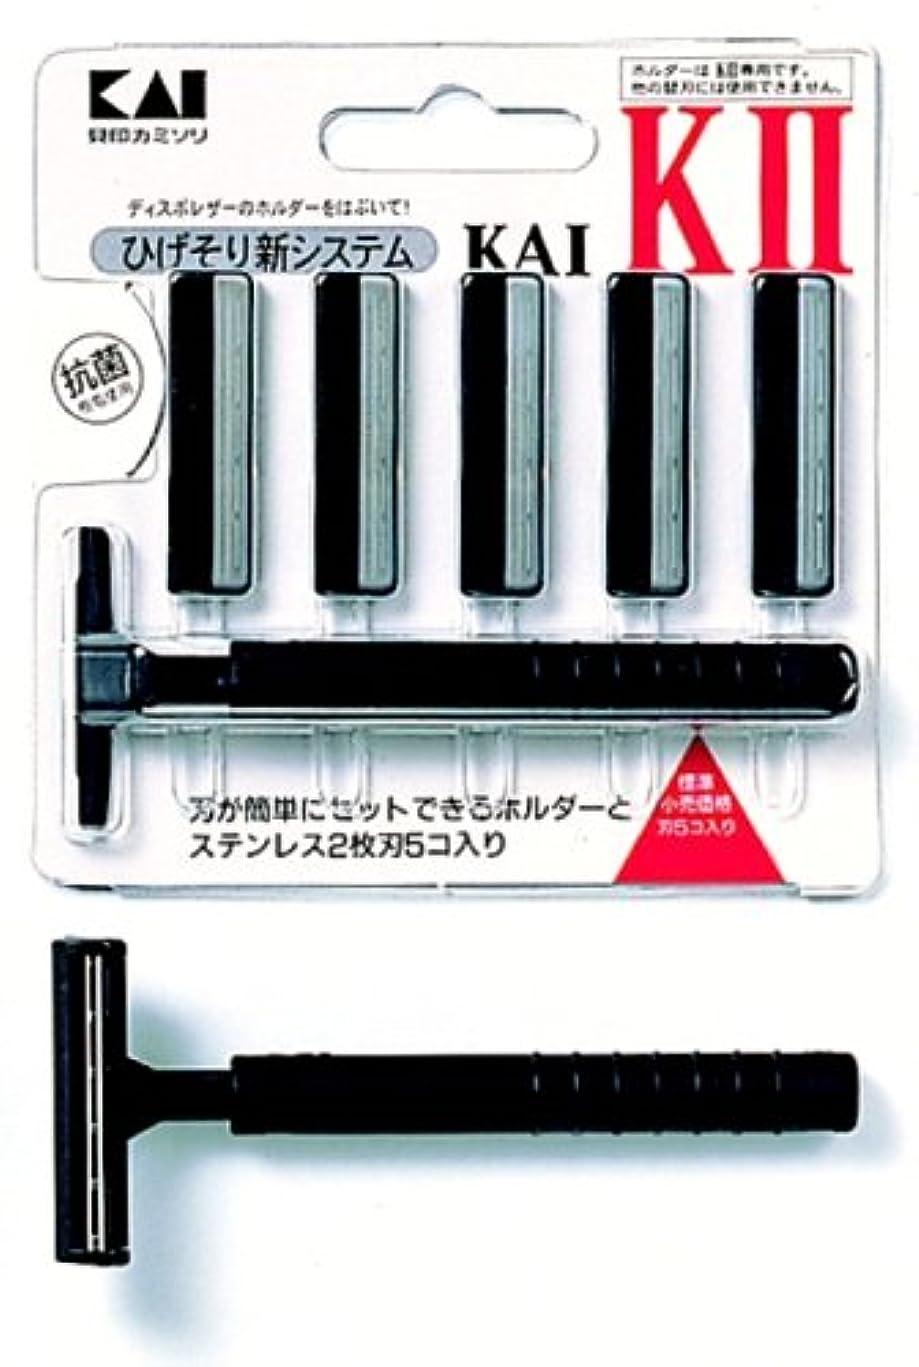 地域予知だらしないカミソリ KAI-K2 K2-5